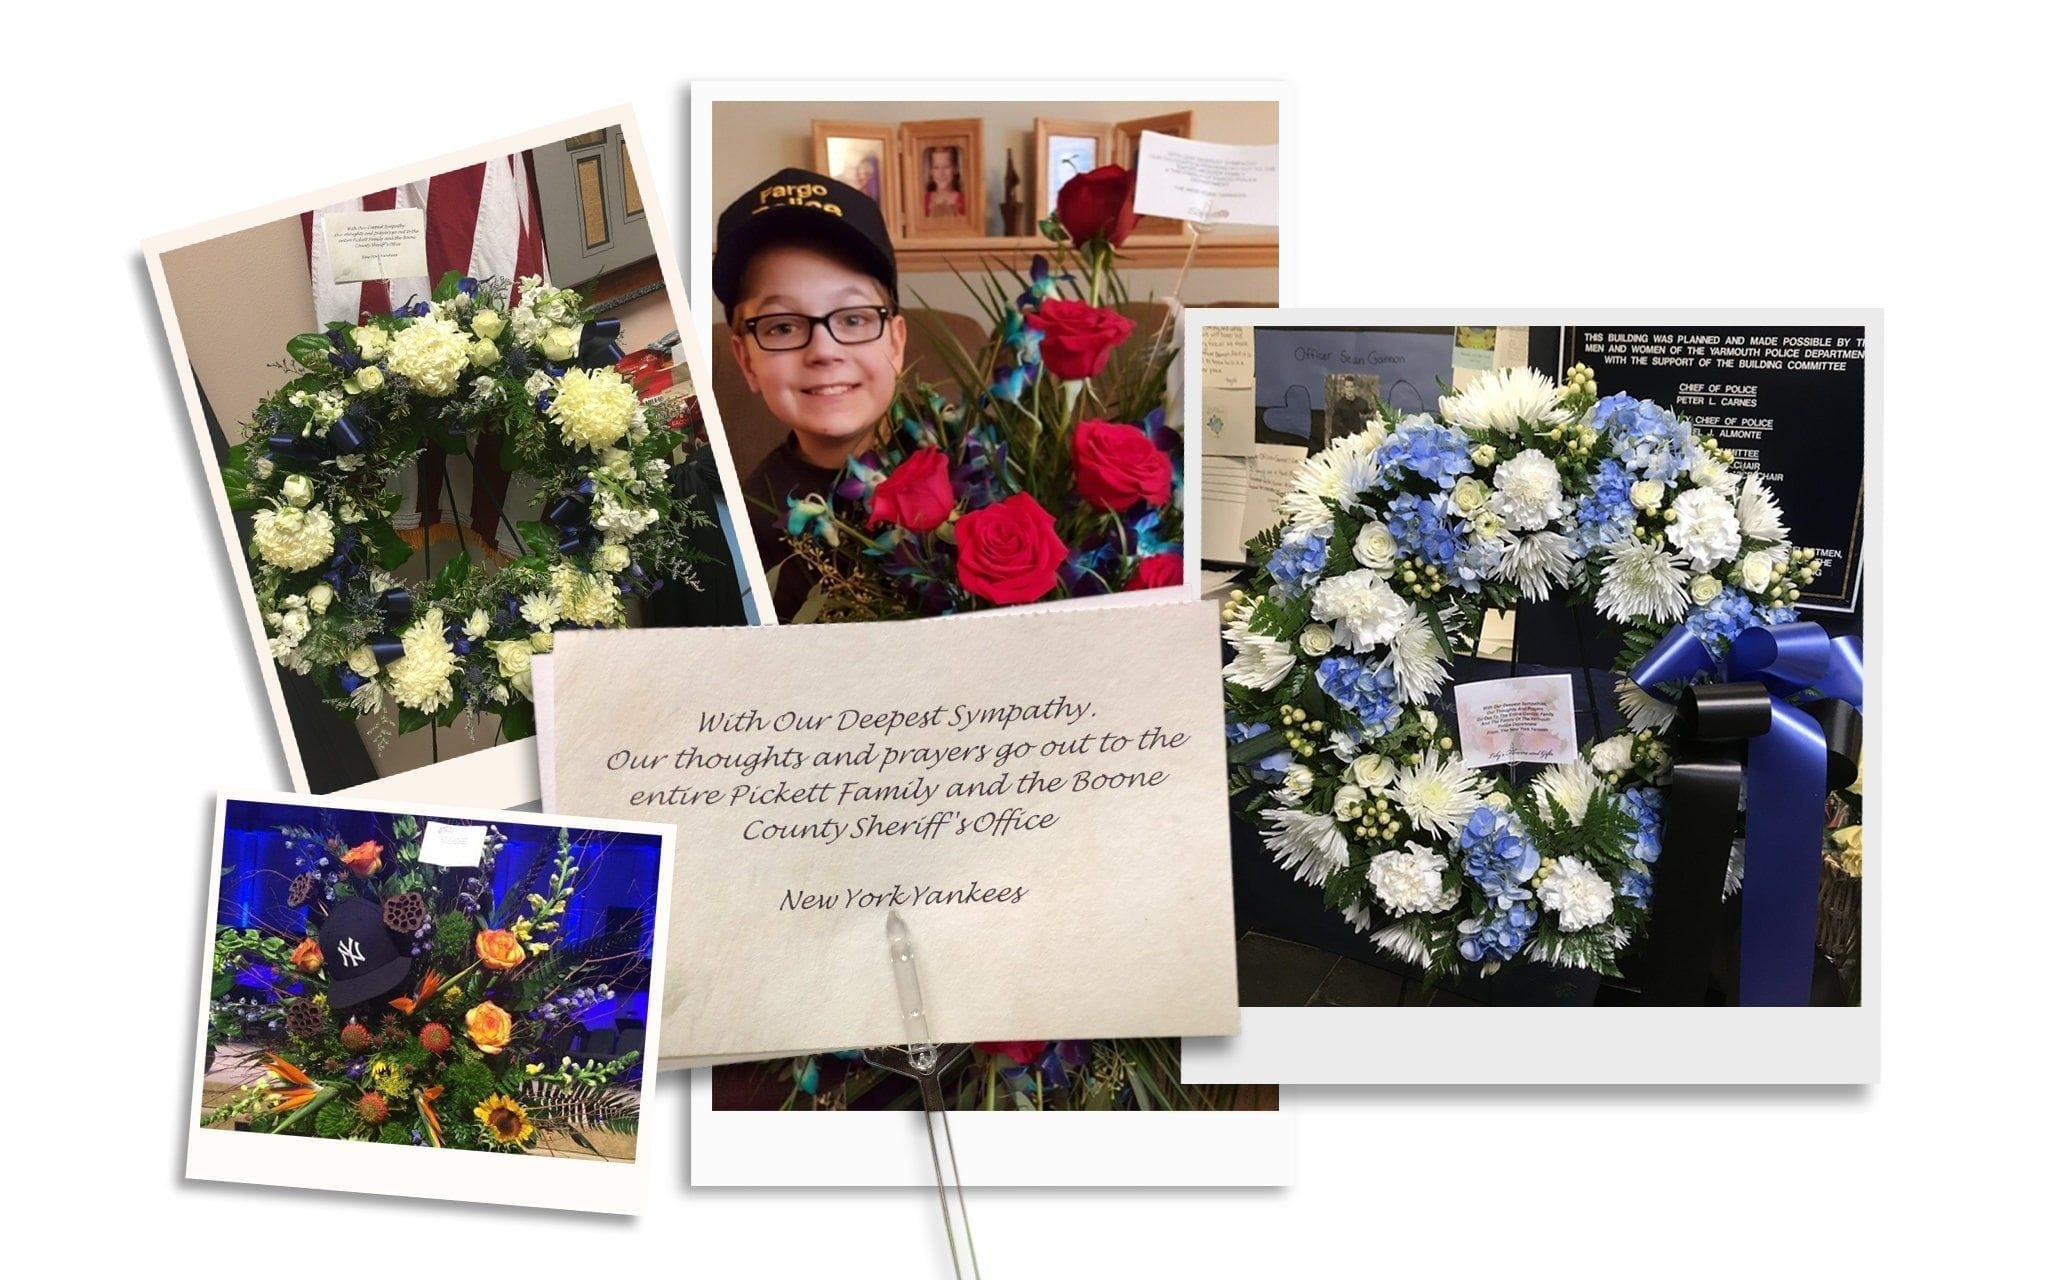 Baltimore Florist Fills Yankees Order For Slain Officer